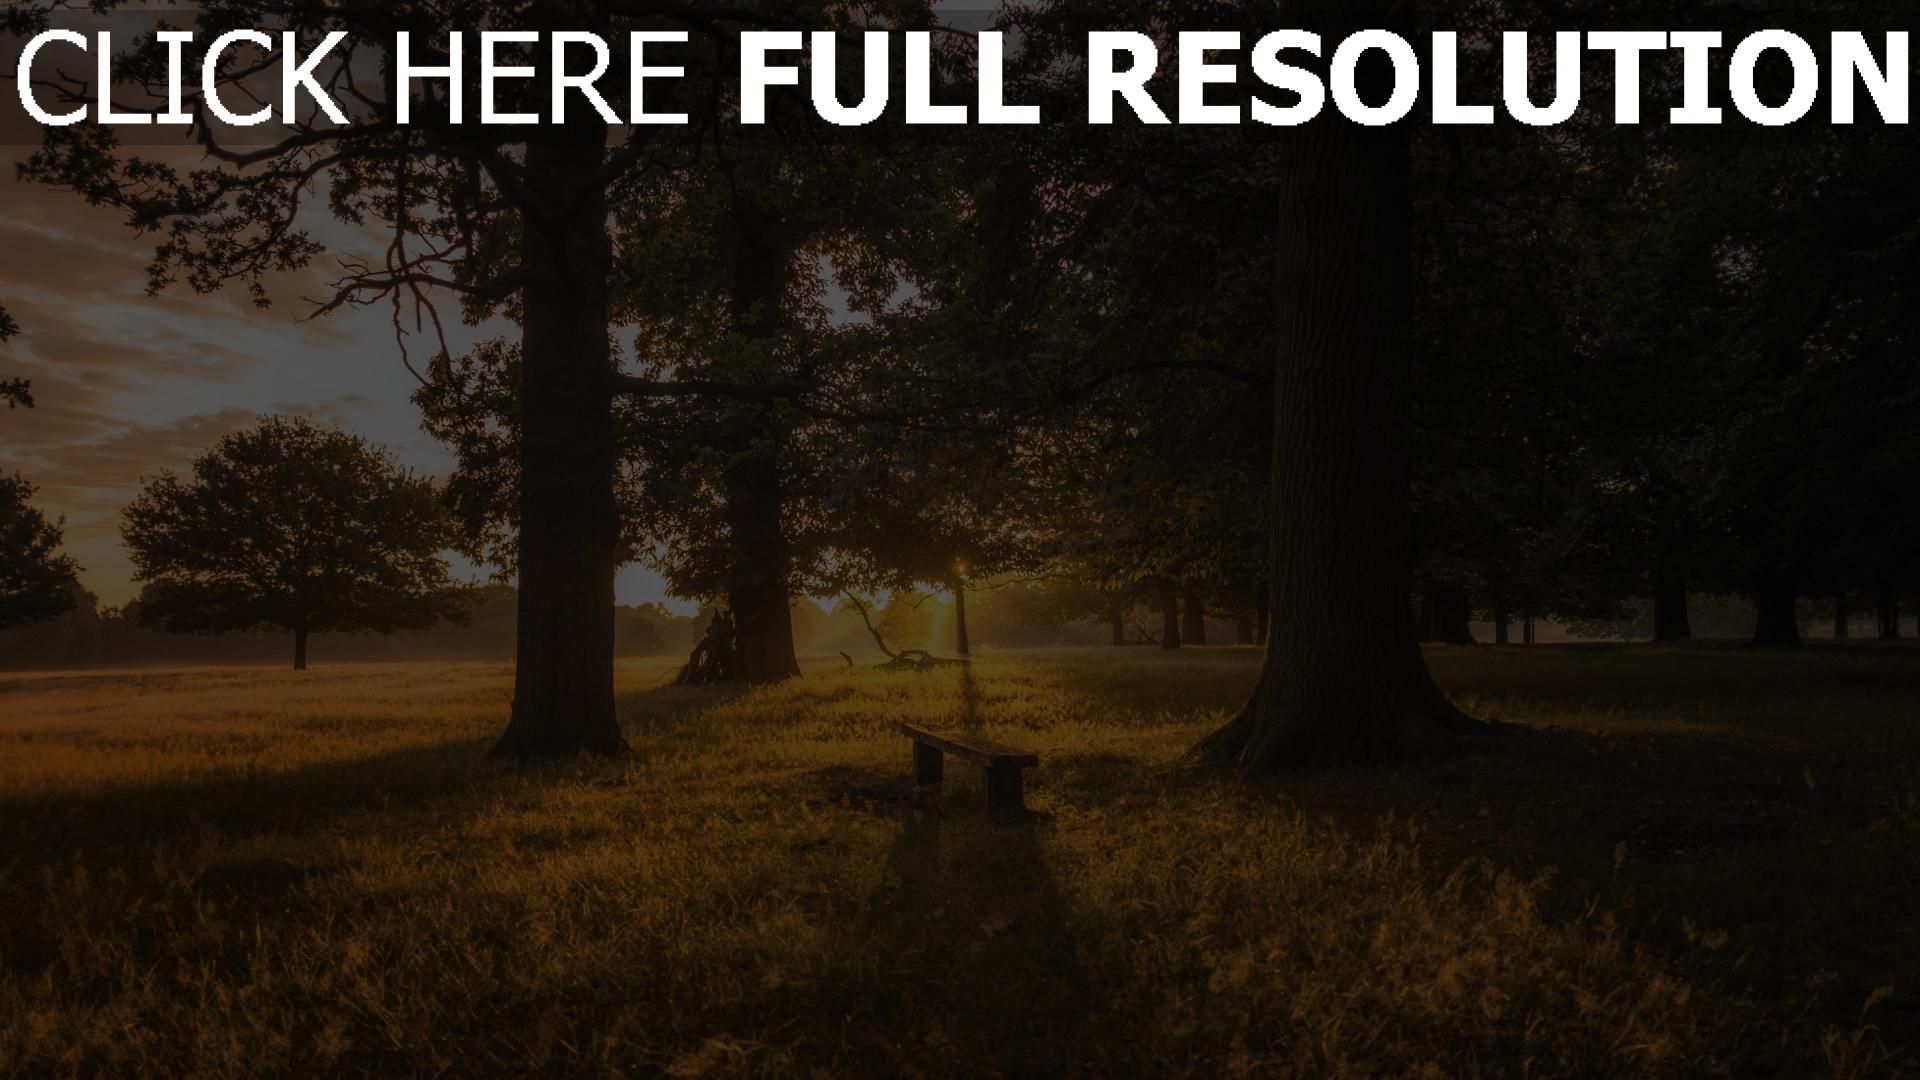 hd hintergrundbilder gras wald bank bäume dämmerung 1920x1080